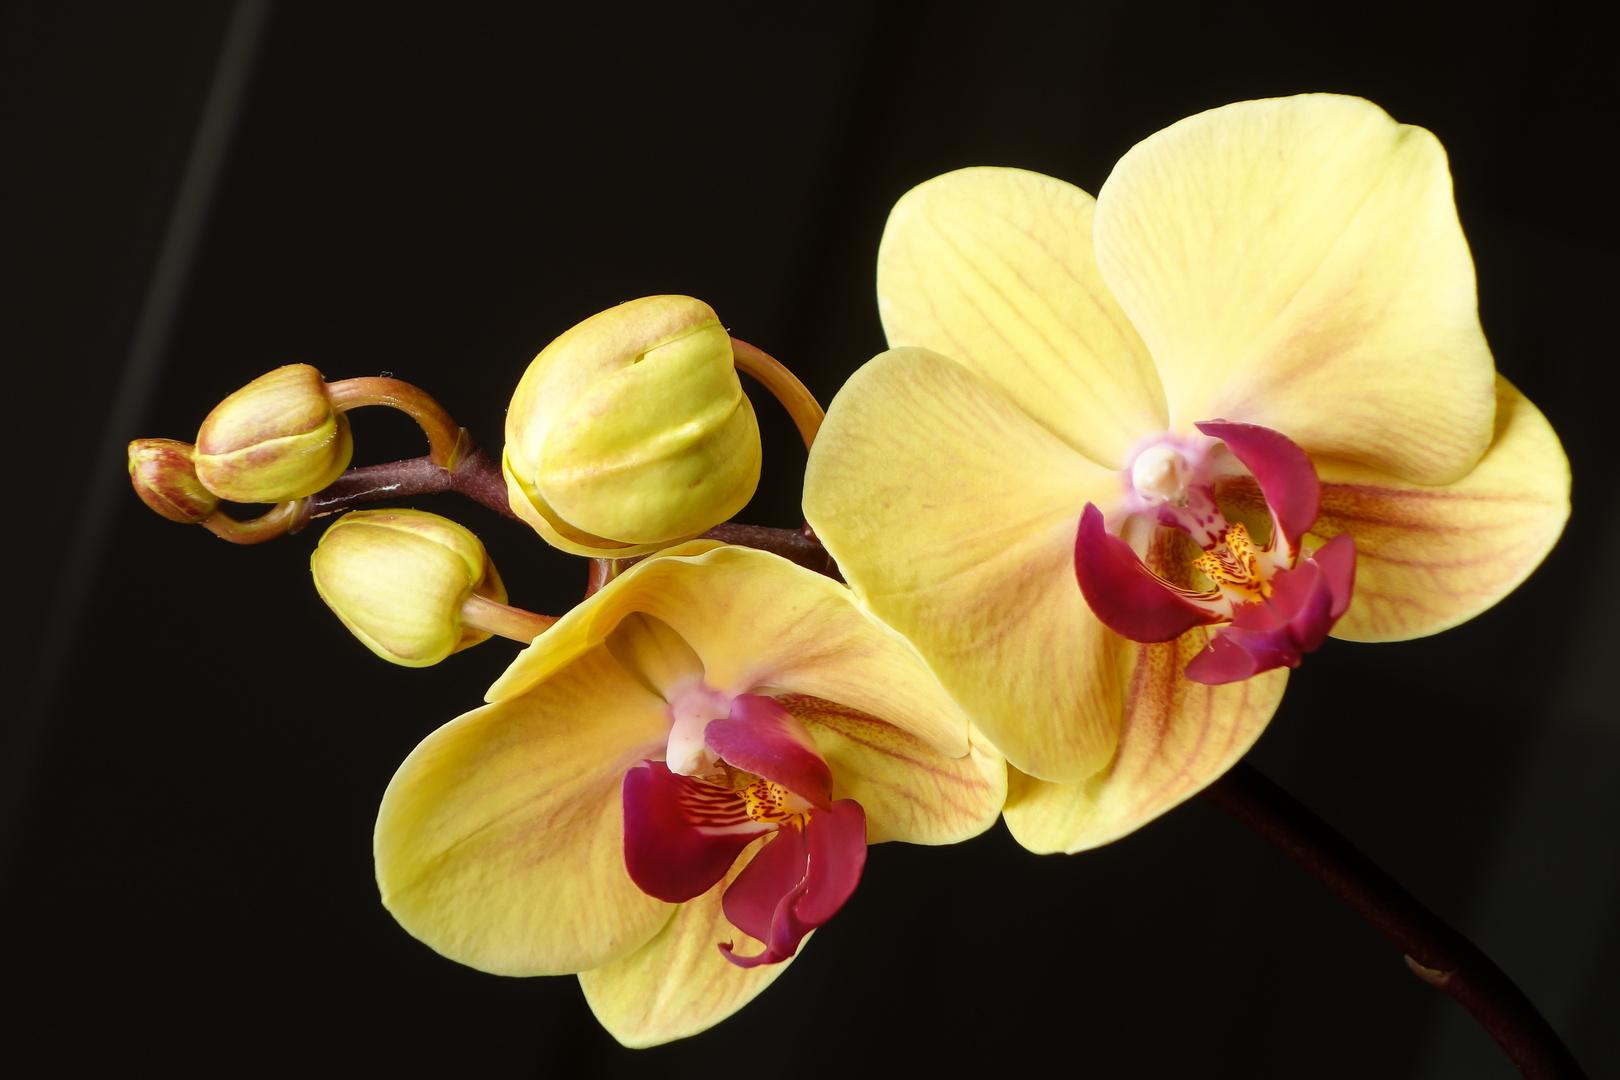 Orchidee strahlt im Dunkel